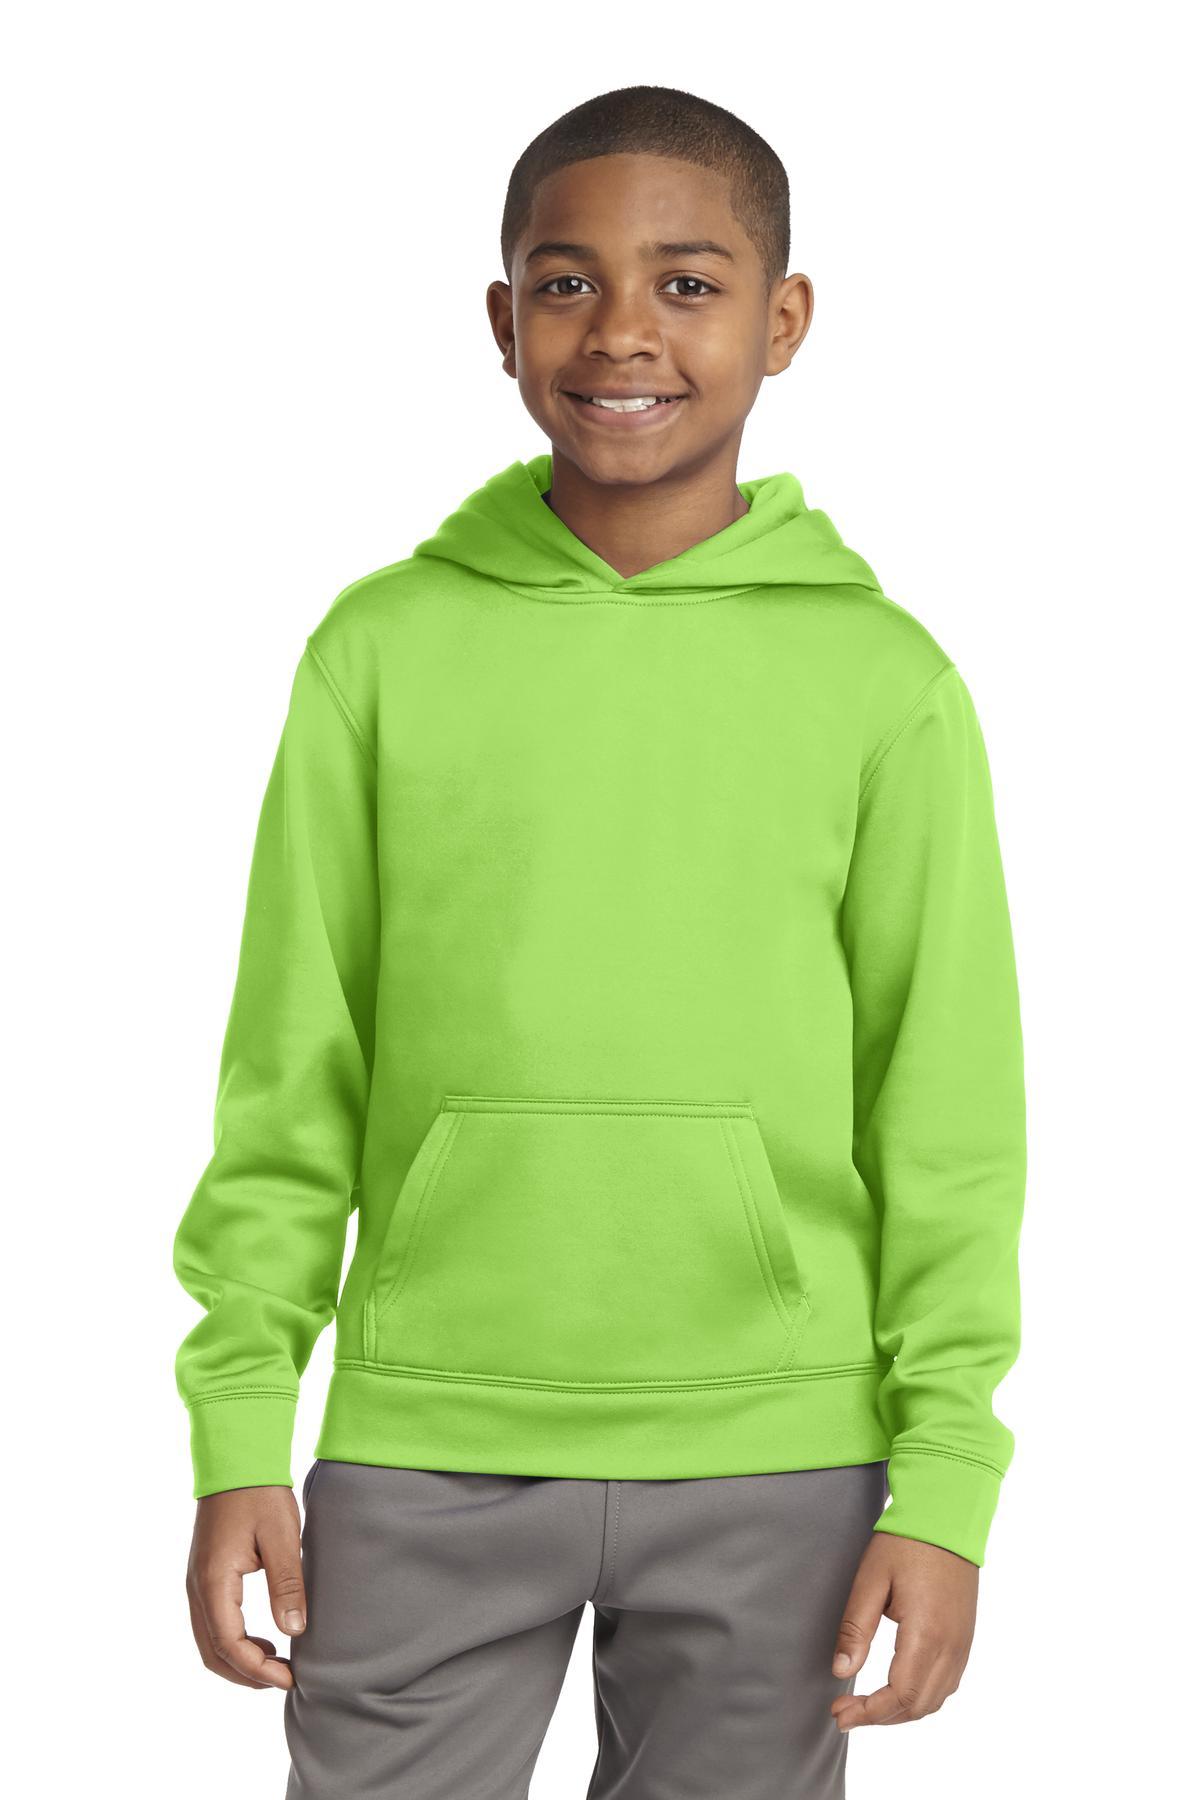 SportWick Fleece Hooded Pullover